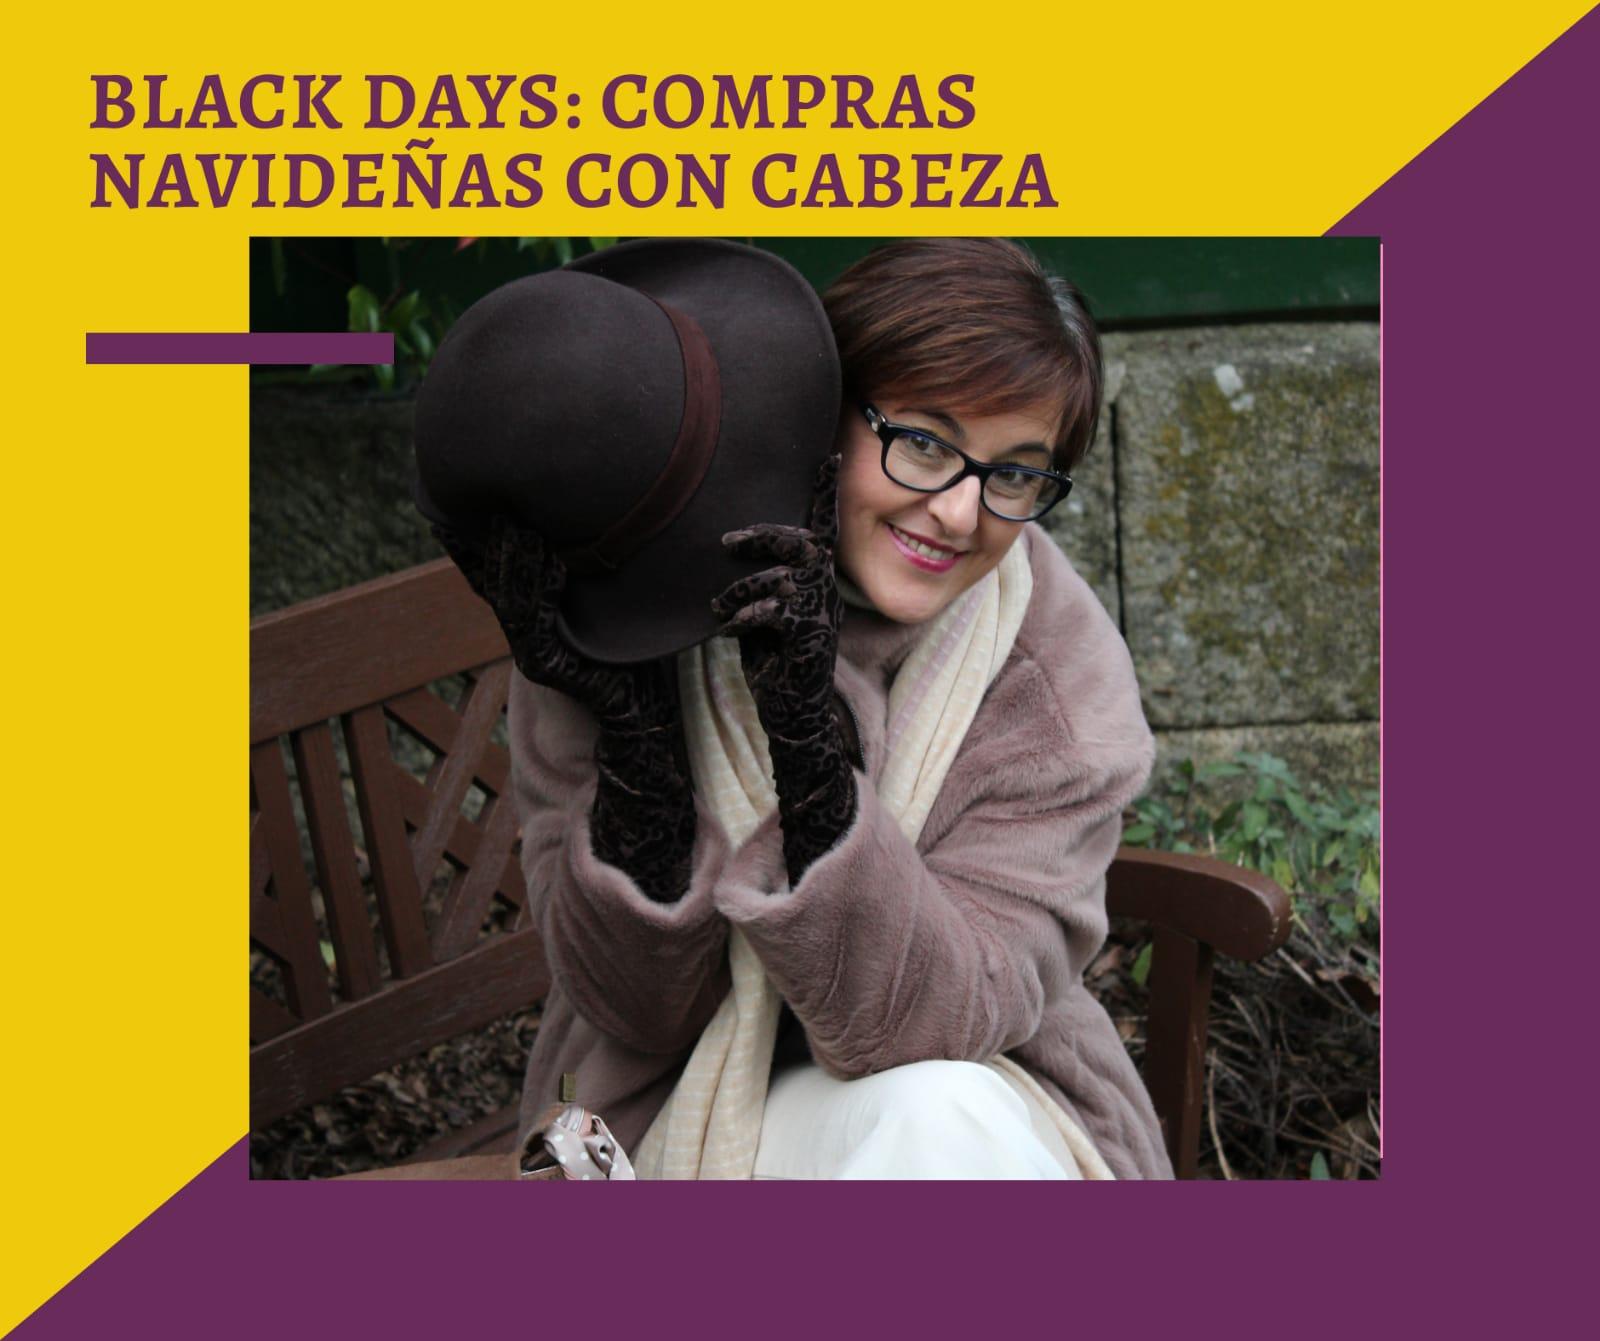 Black Days: Compras Navideñas con cabeza